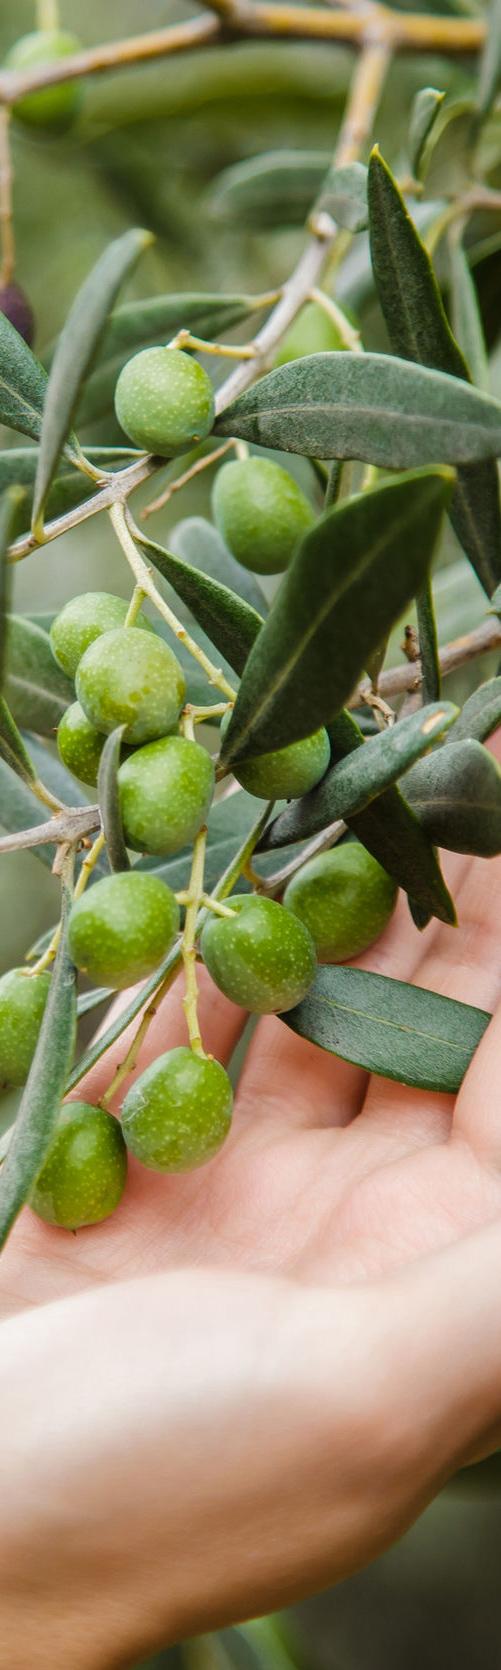 Olistori - Portuguese oil company- Olive oil cellar - Olistori